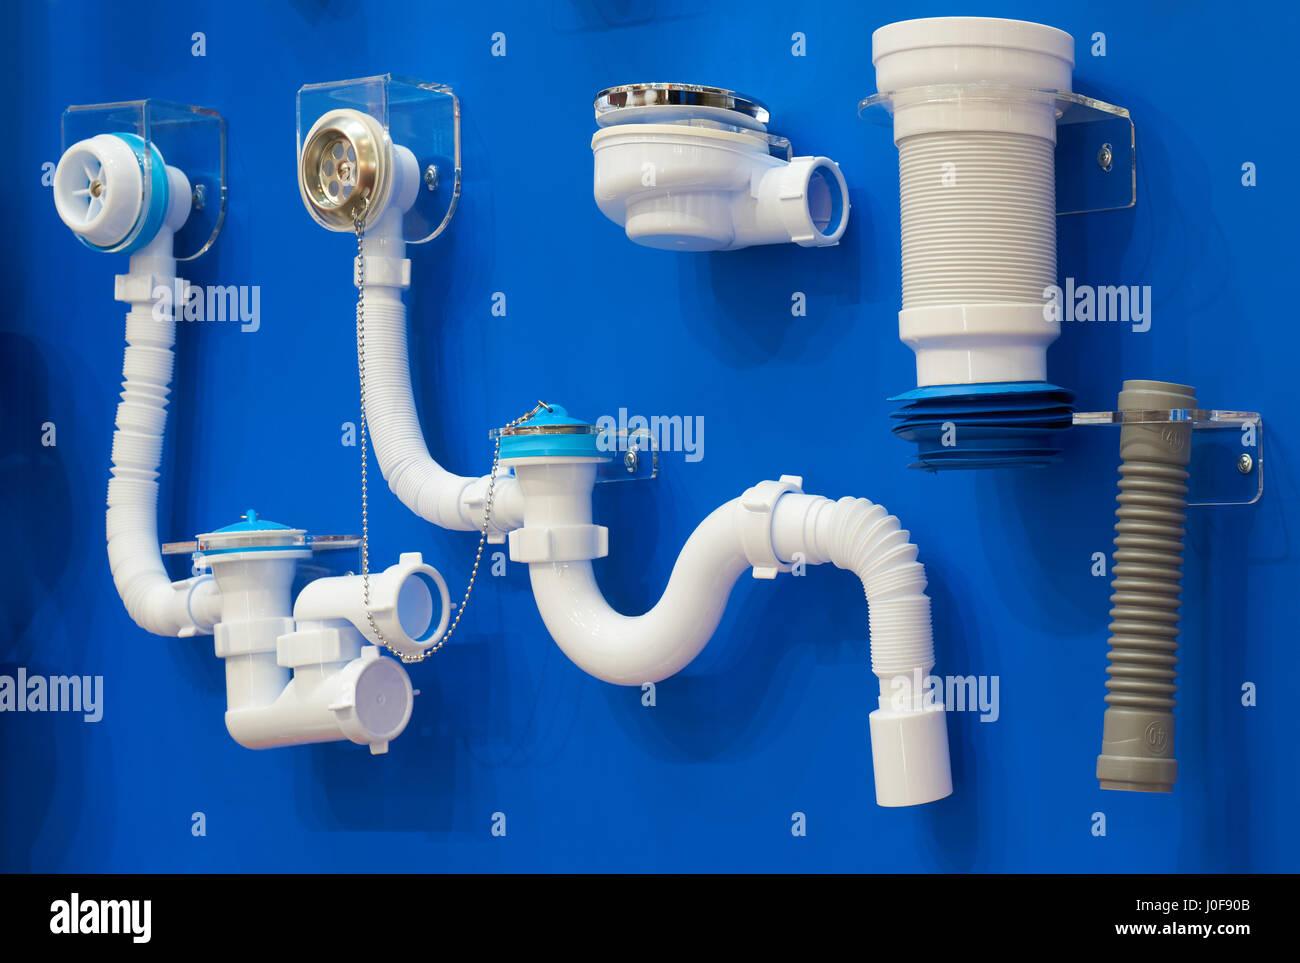 Gut gemocht Kunststoff-Sanitär, Rohre und Formstücke für Kanalisation auf der MO08